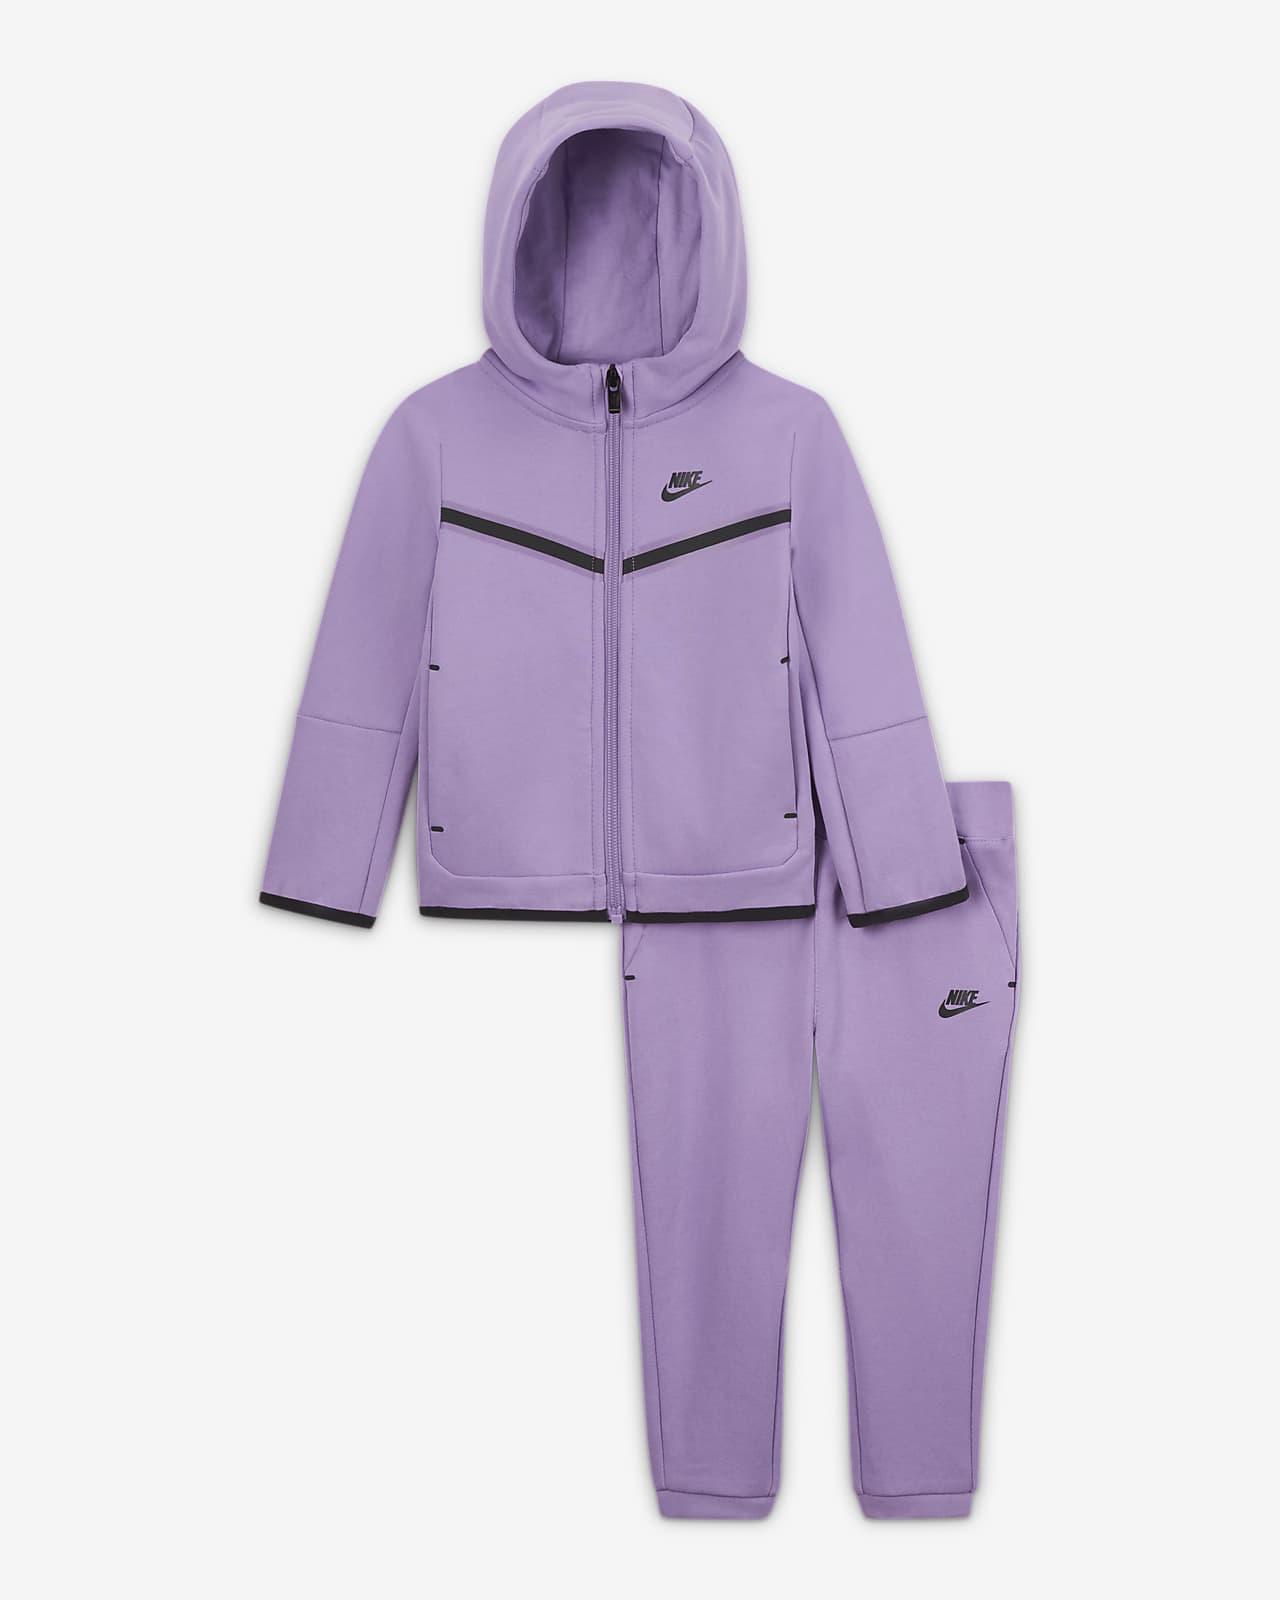 Σετ μπλούζα με κουκούλα και φερμουάρ και παντελόνι Nike Sportswear Tech Fleece για βρέφη (12-24M)